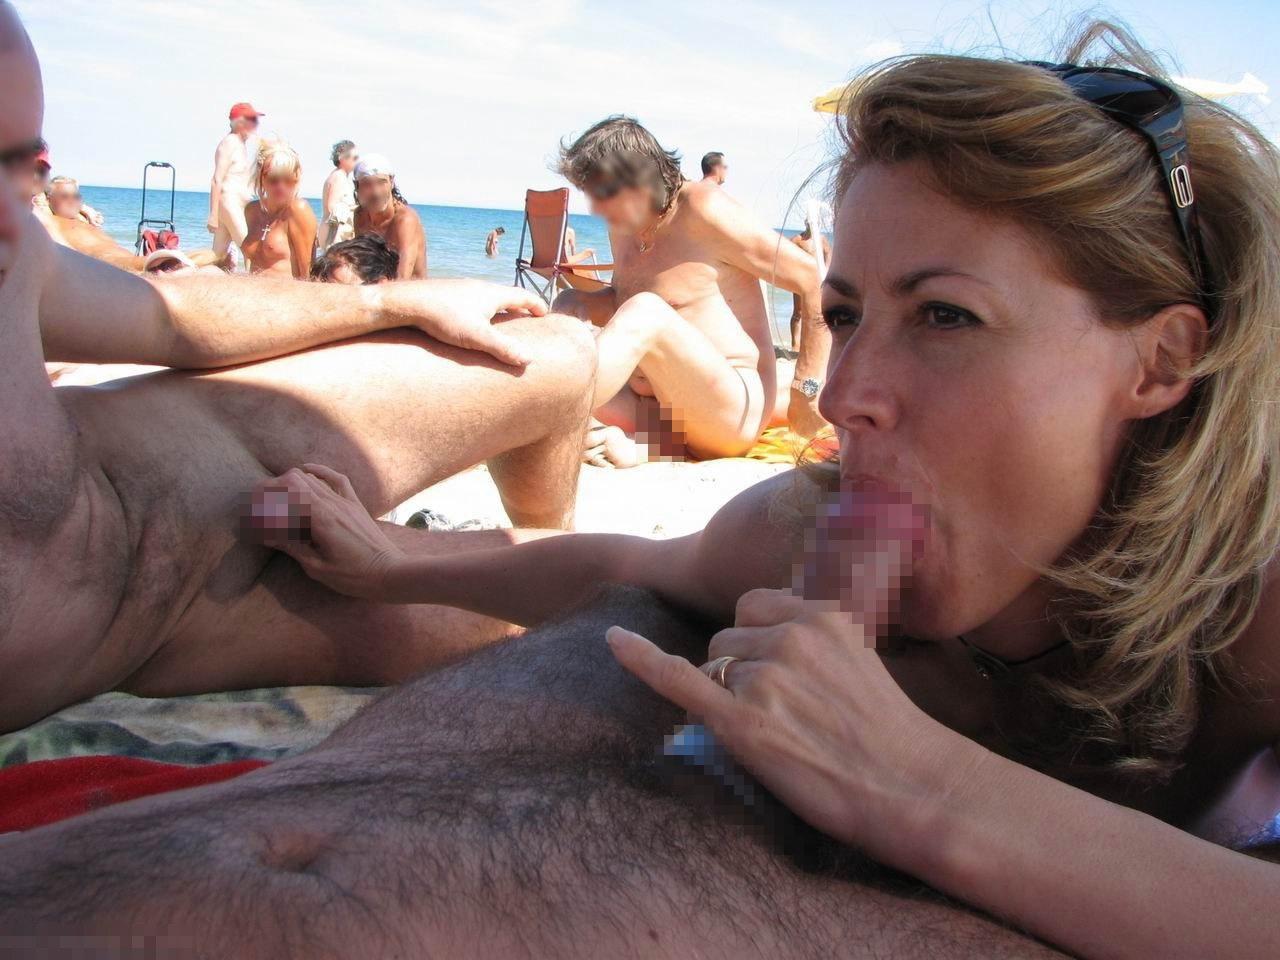 ヌーディストビーチで開かれるリア充たちの乱交パティーをご覧くださいwwww(画像37枚)・2枚目